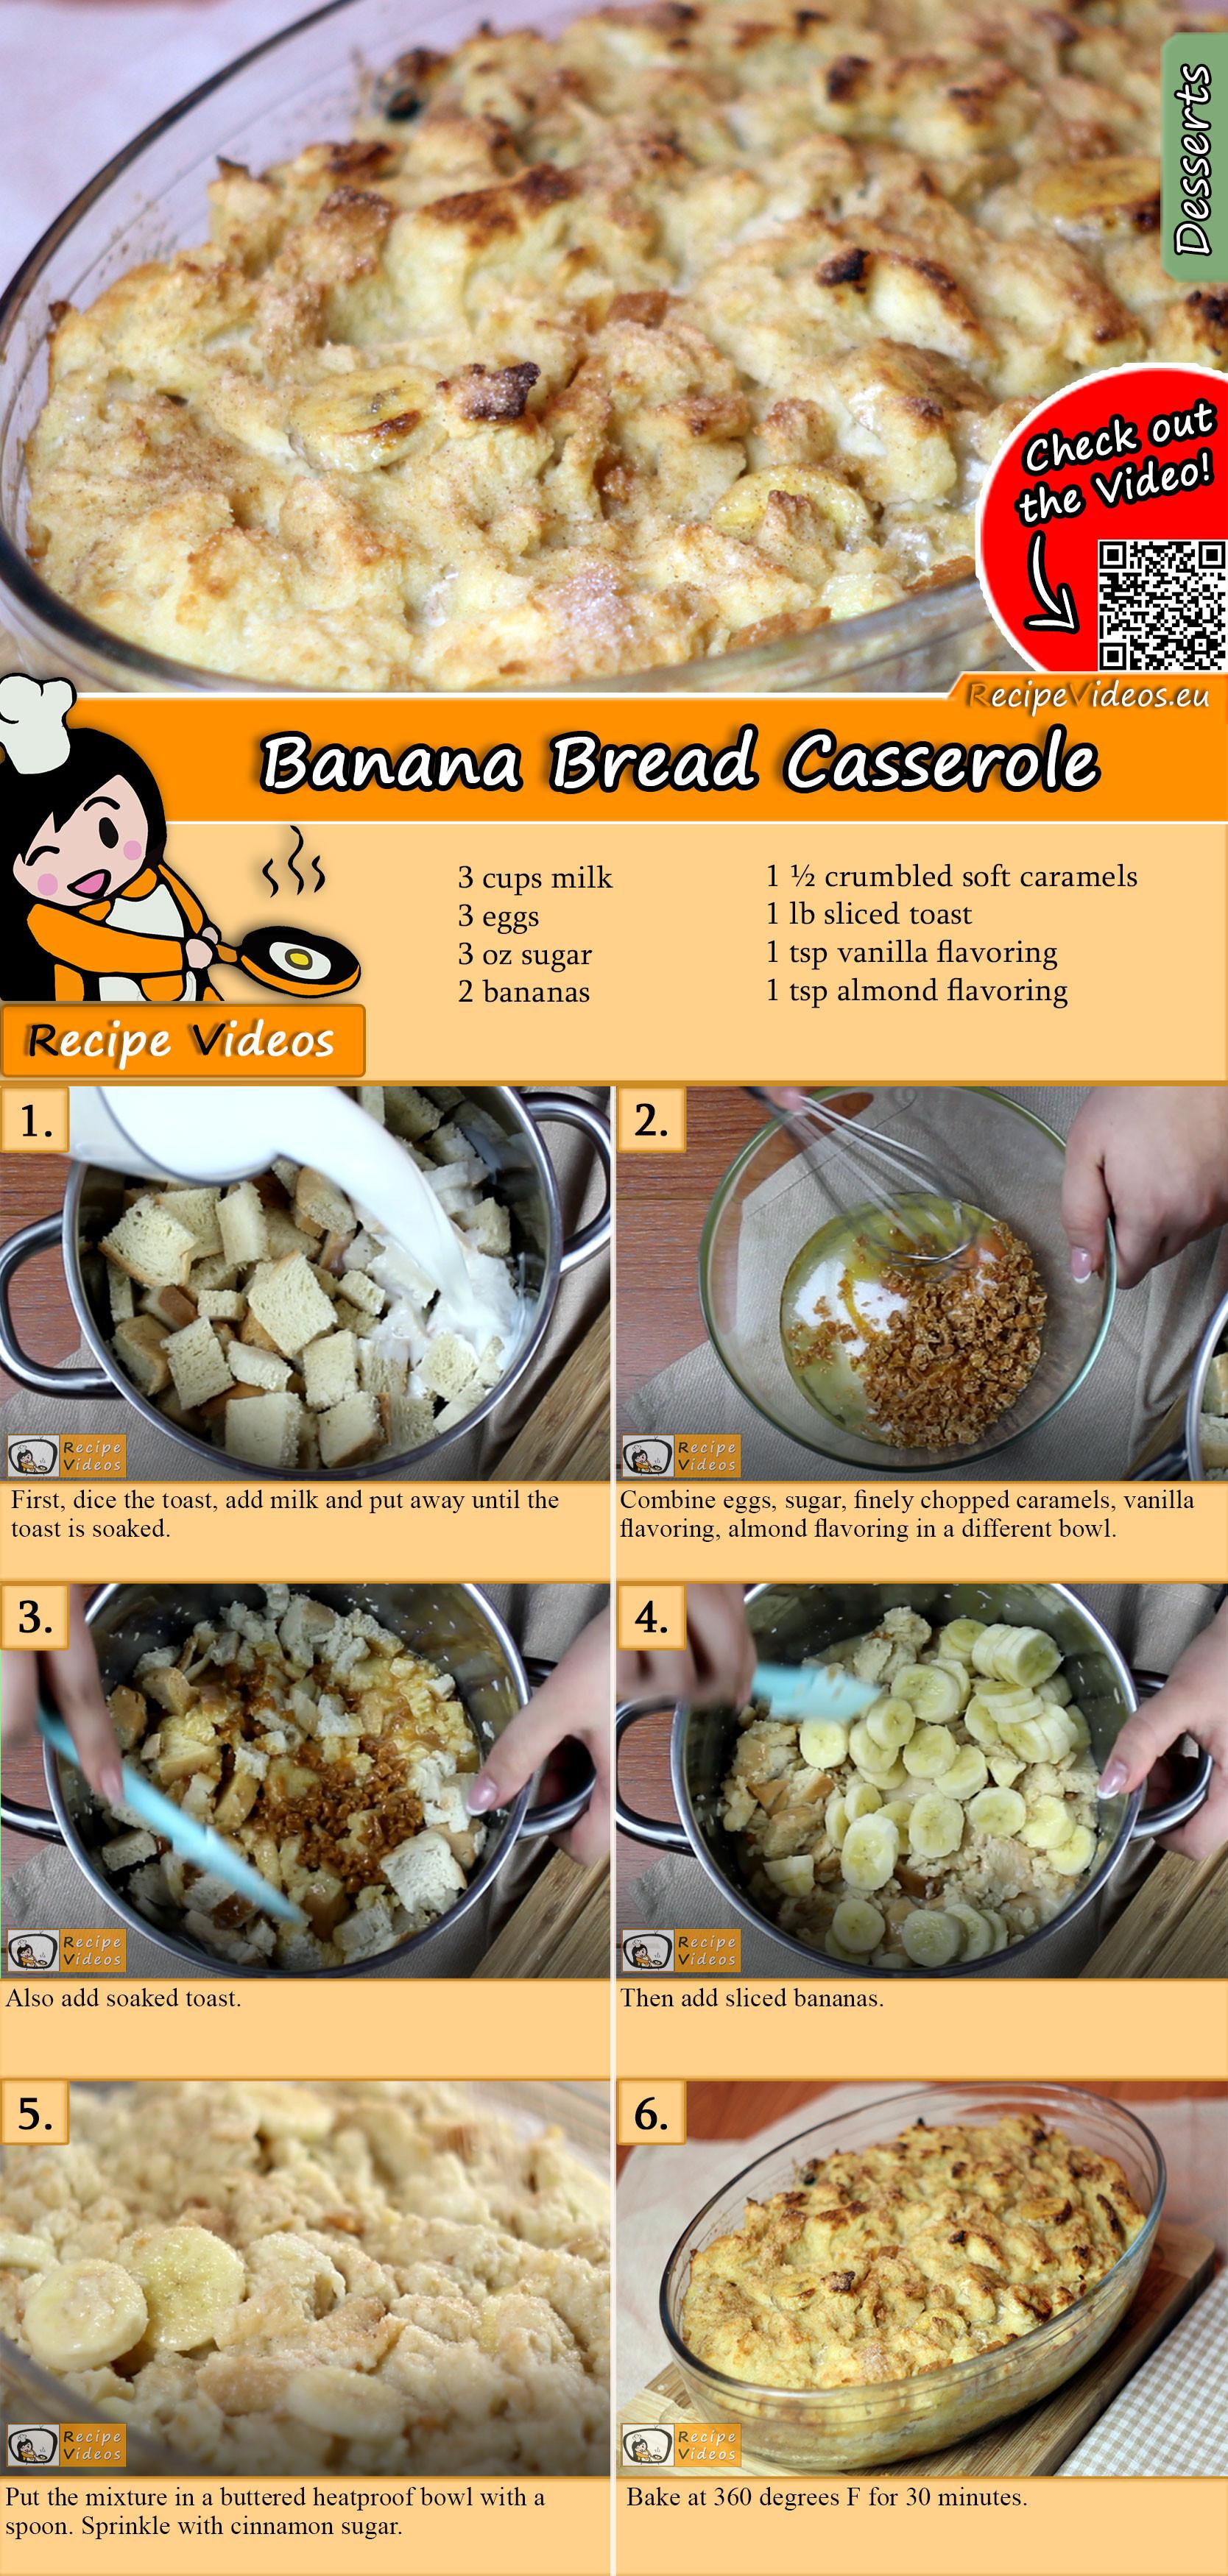 Banana bread casserole recipe with video